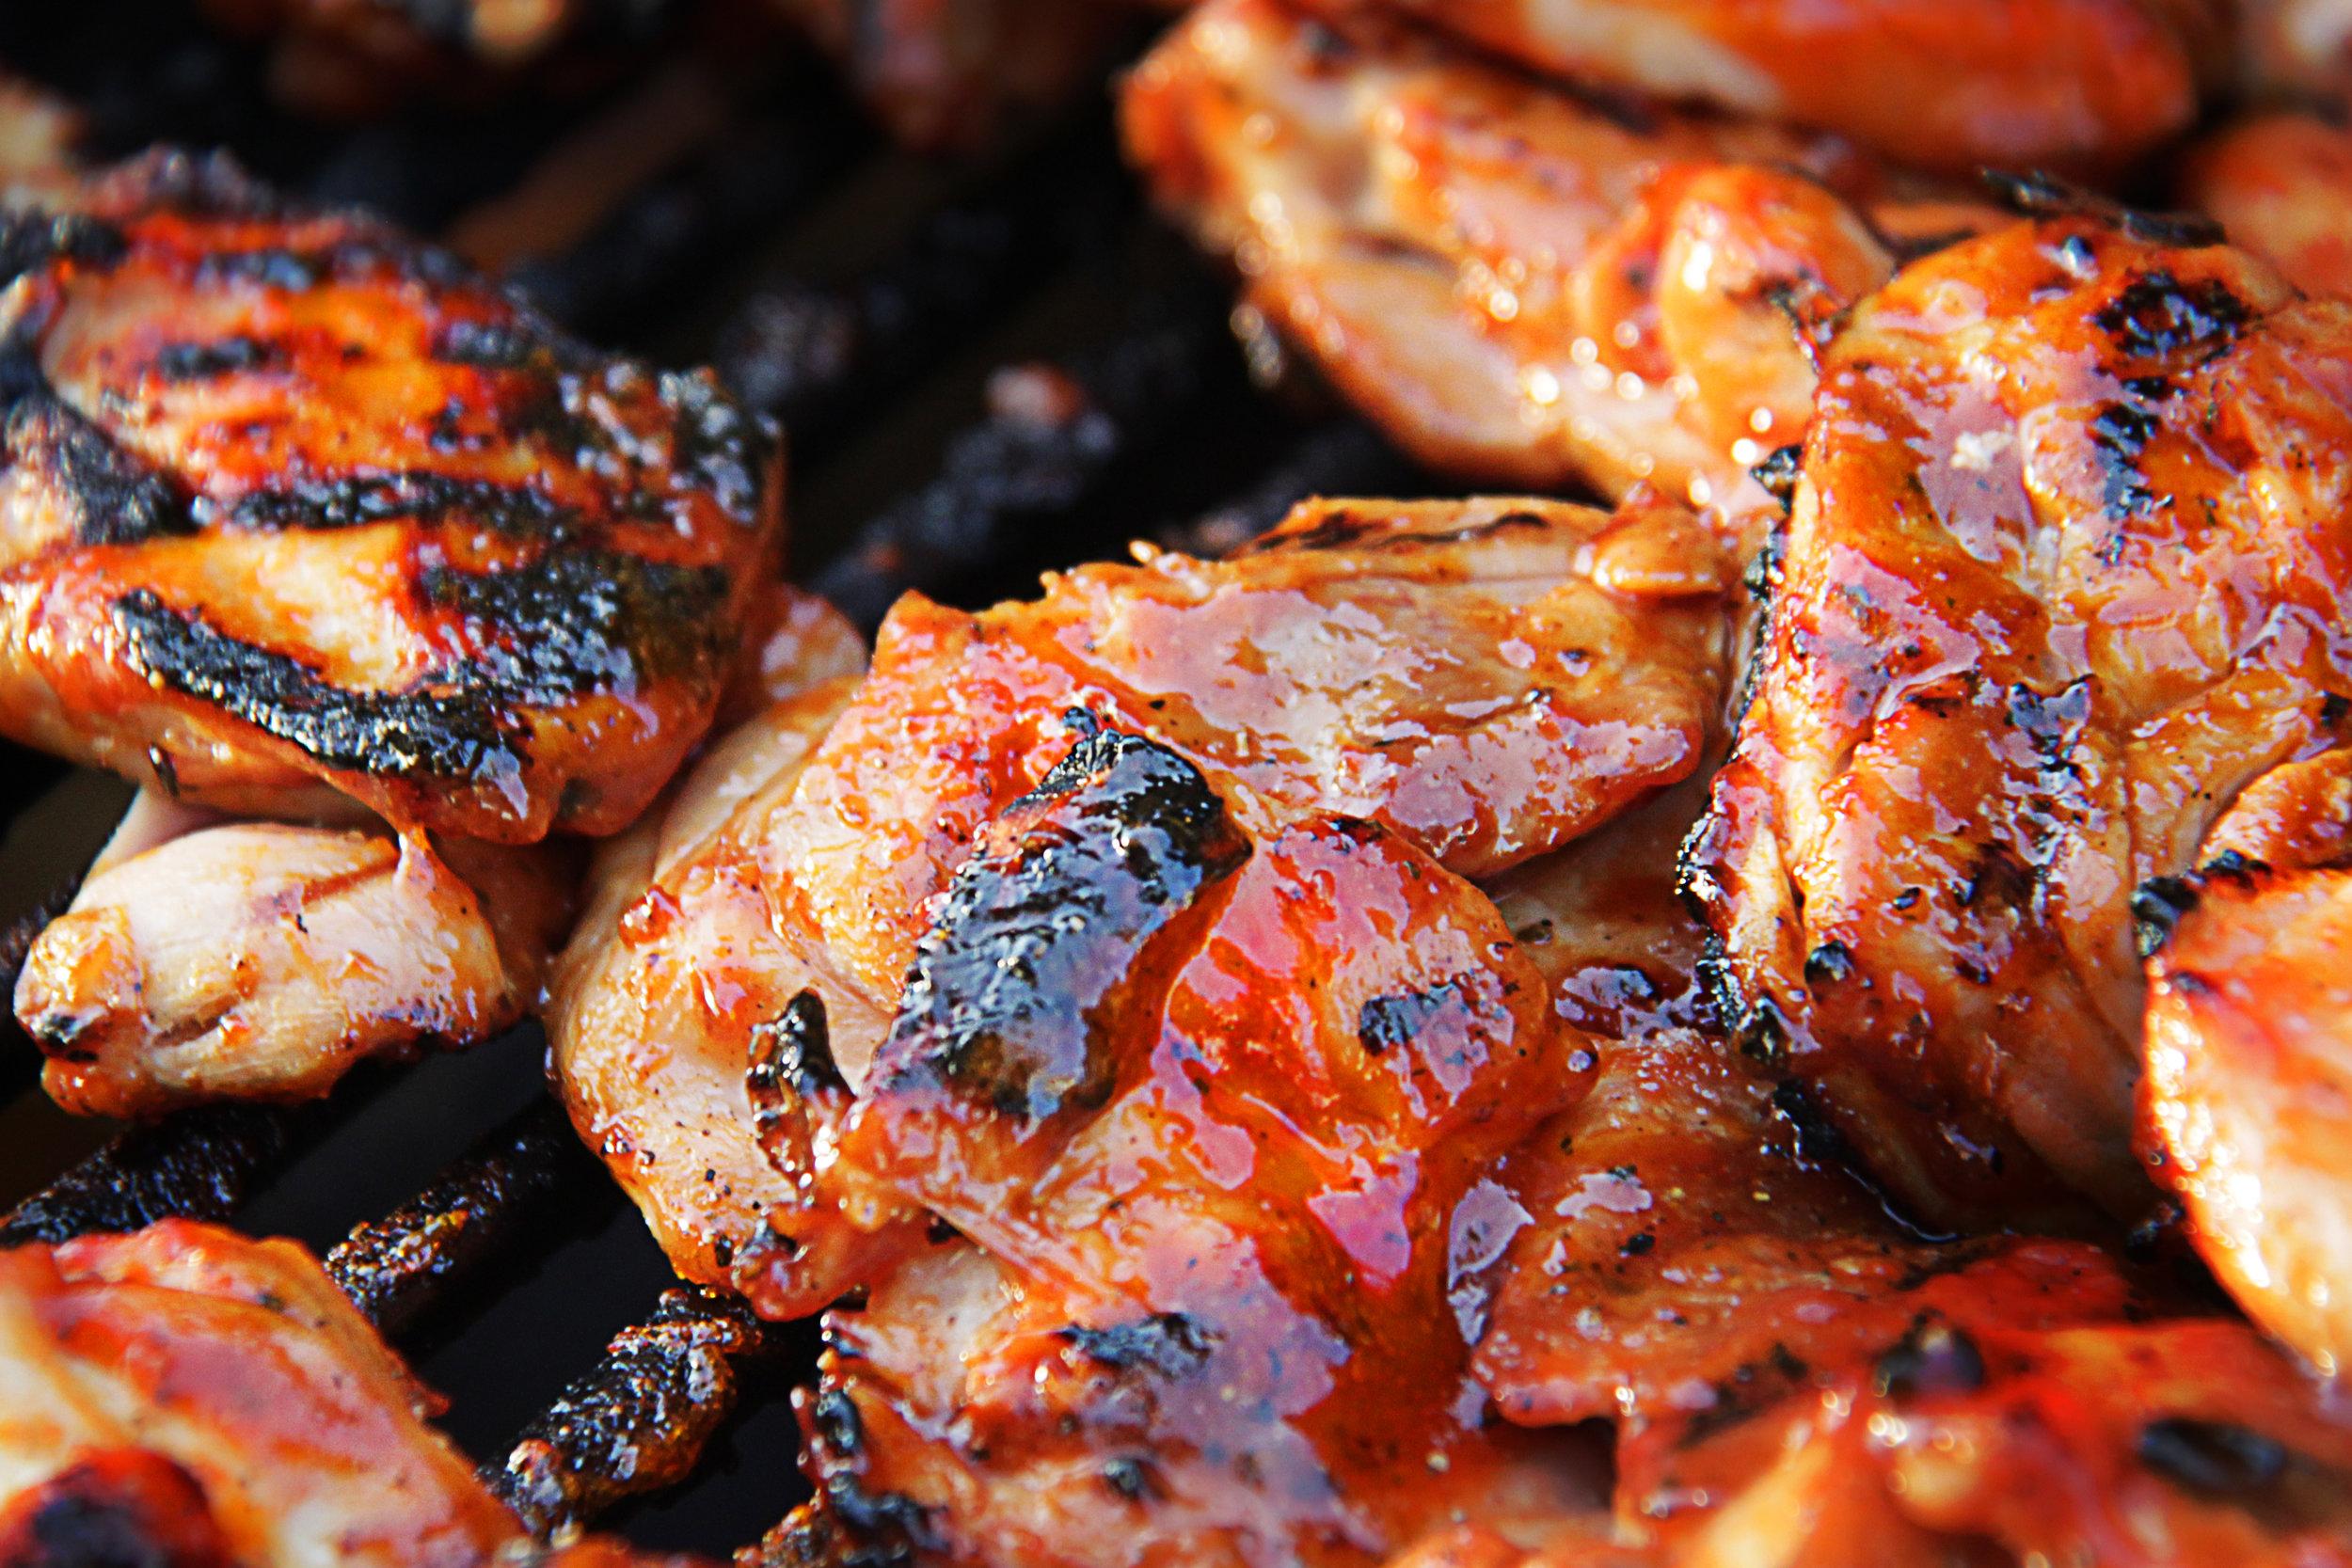 chicken IMG_9904.JPG